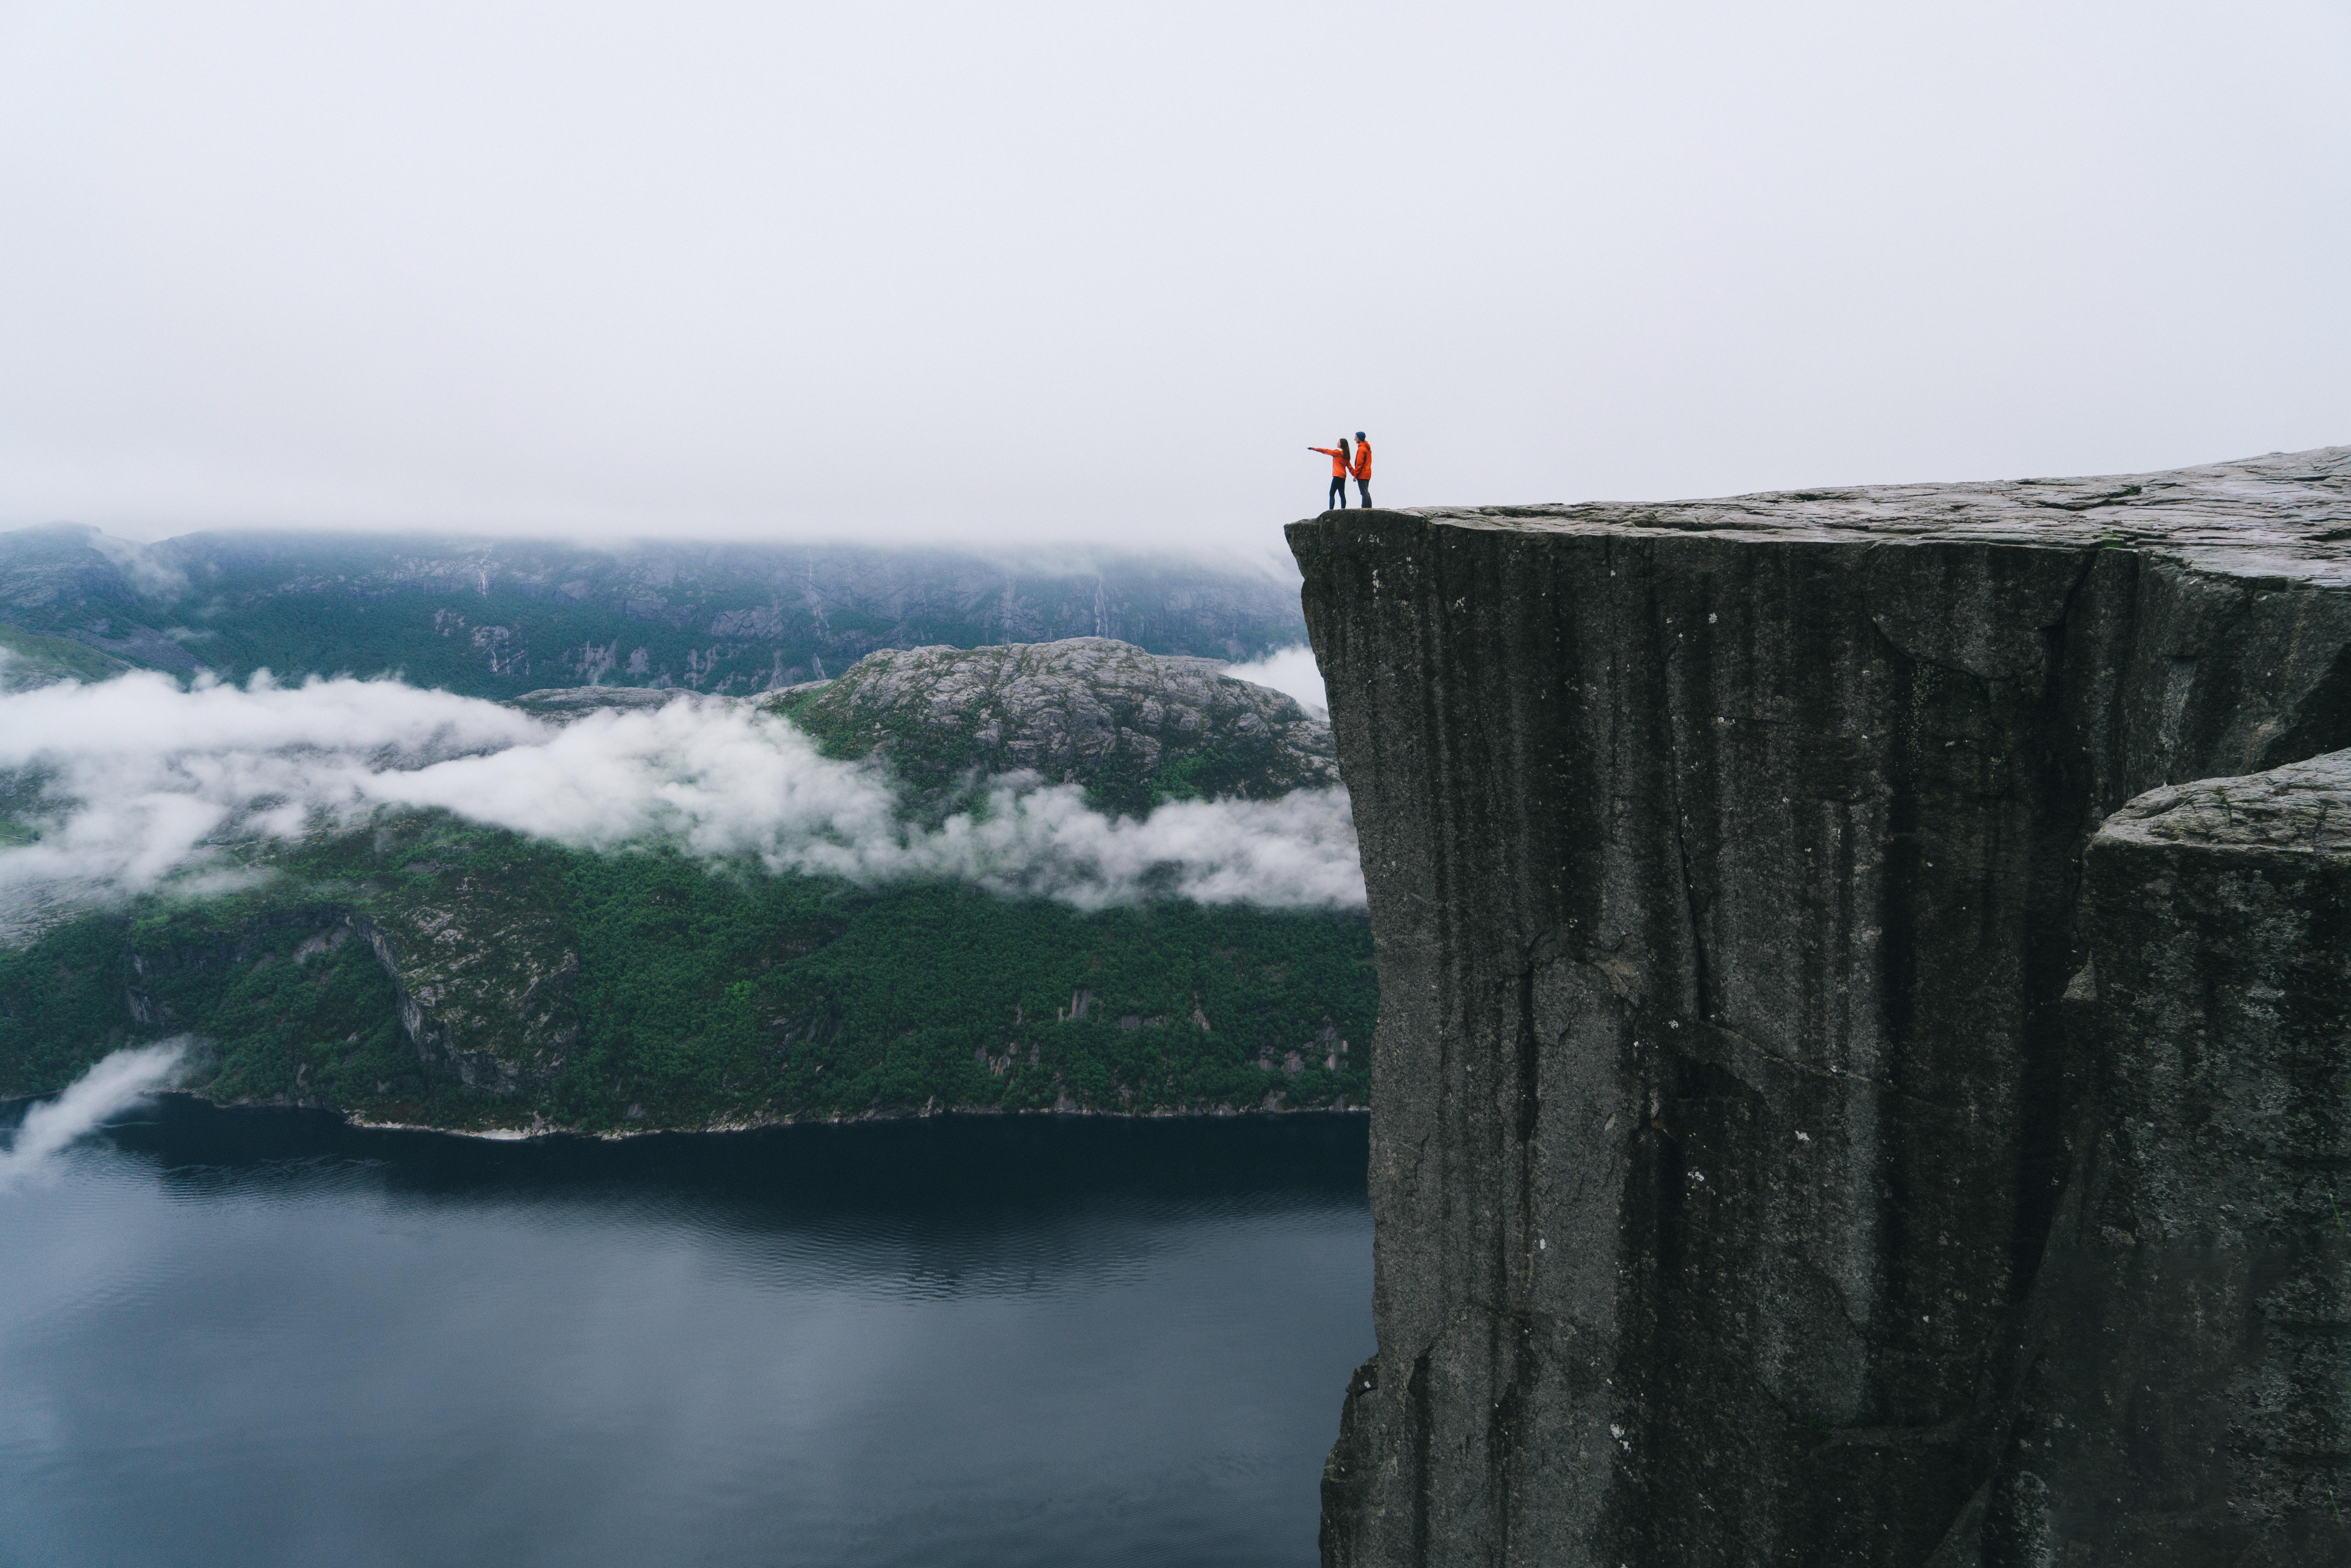 Entra en la 'postal' de Noruega y disfruta de unas vistas fabulosas - Noruega Circuito Todo Fiordos